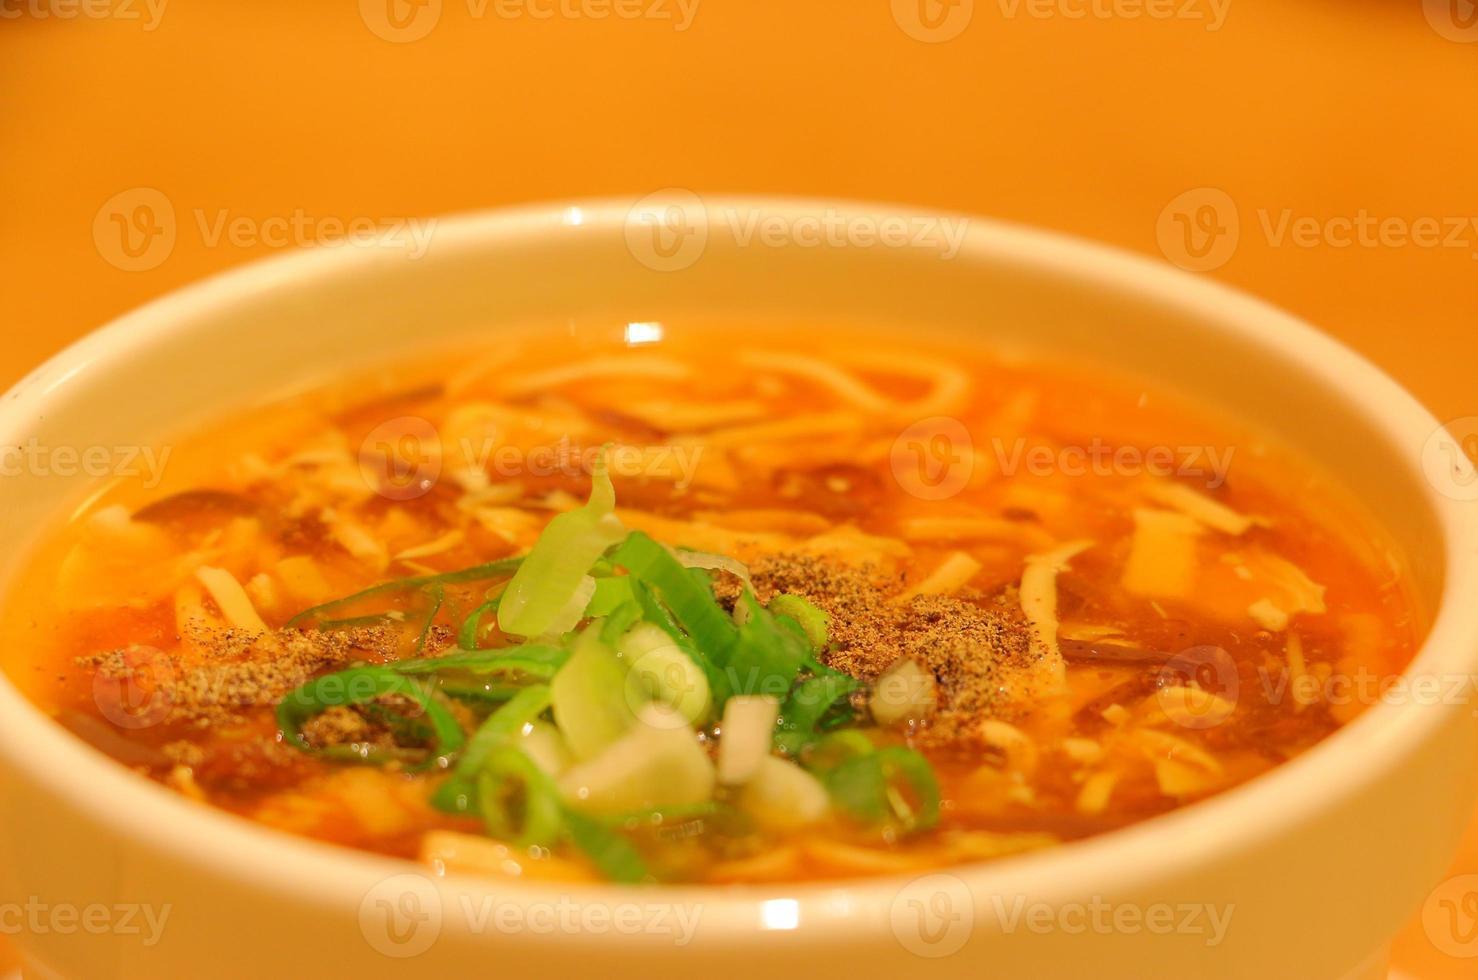 soupe chaude et aigre photo